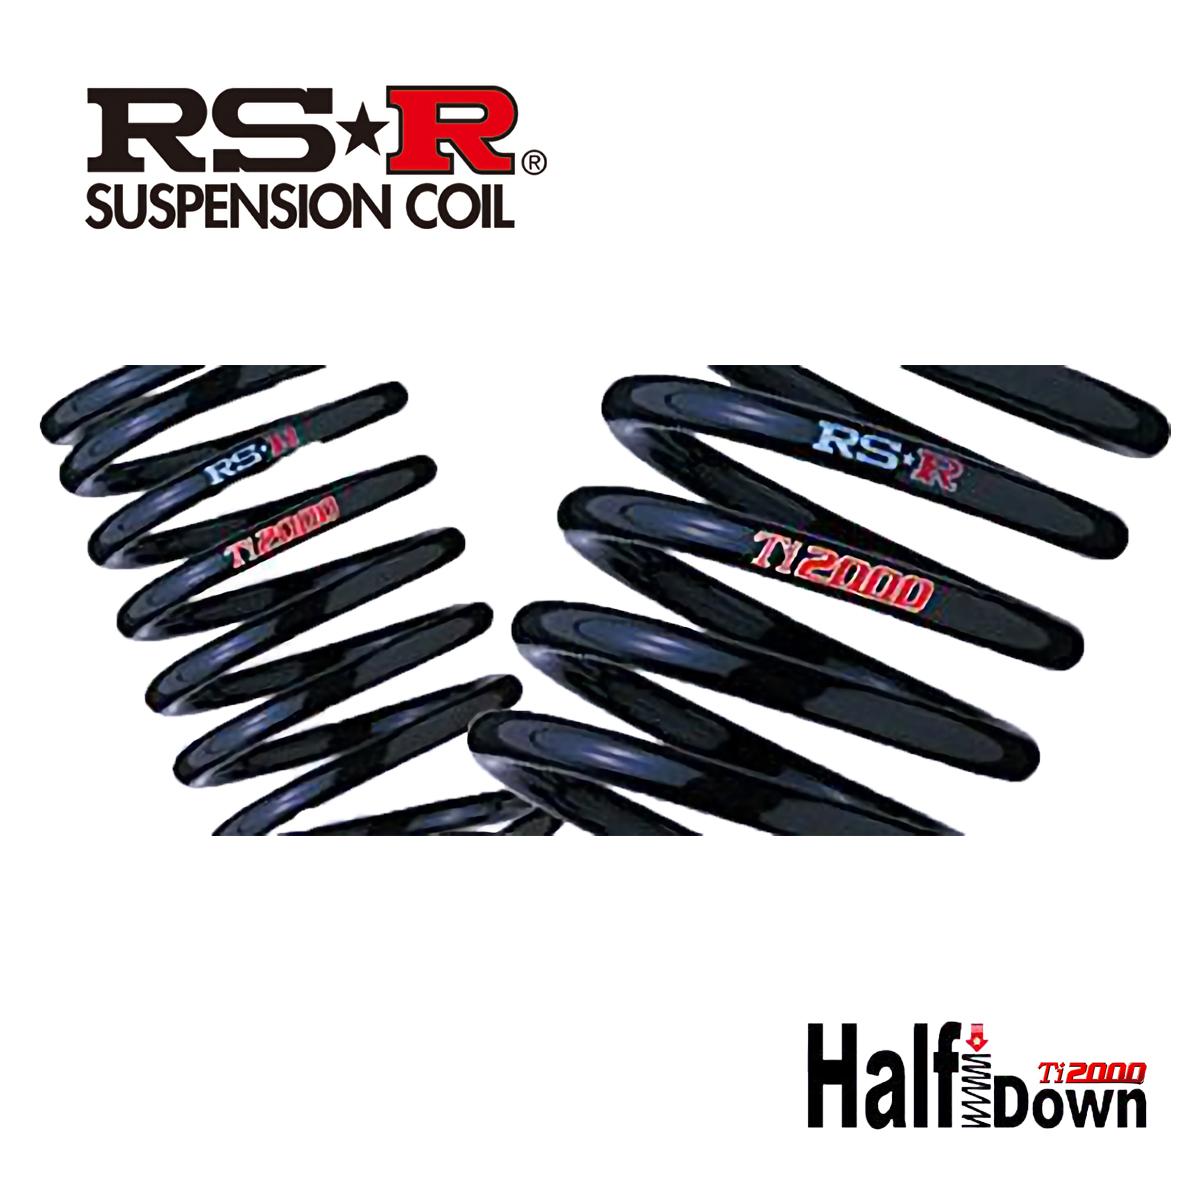 RS-R エブリィ エブリイ エブリー ワゴン DA17W PZターボ ダウンサス スプリング 1台分 S650THD Ti2000 ハーフダウン RSR 条件付き送料無料